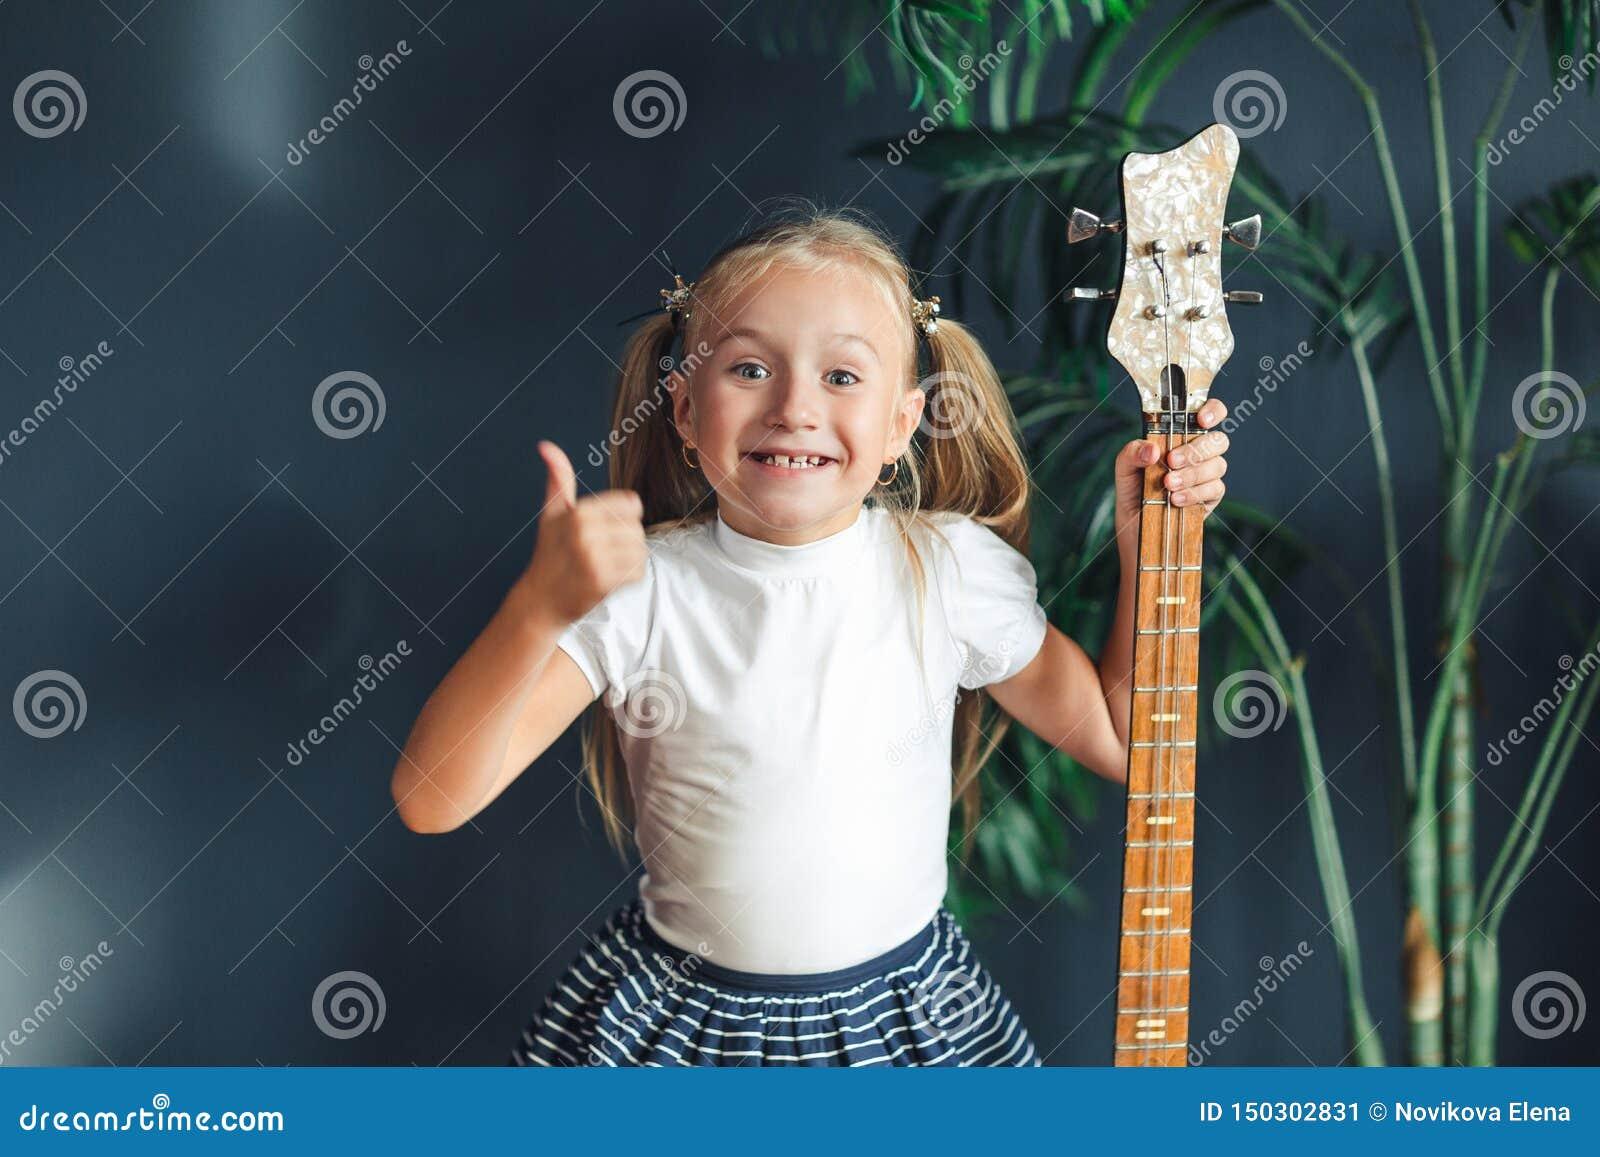 Το νέο ξανθό κορίτσι με τις ουρές στην άσπρα μπλούζα, τη φούστα και τα σανδάλια με την ηλεκτρική κιθάρα παρουσιάζει στο σπίτι αντ